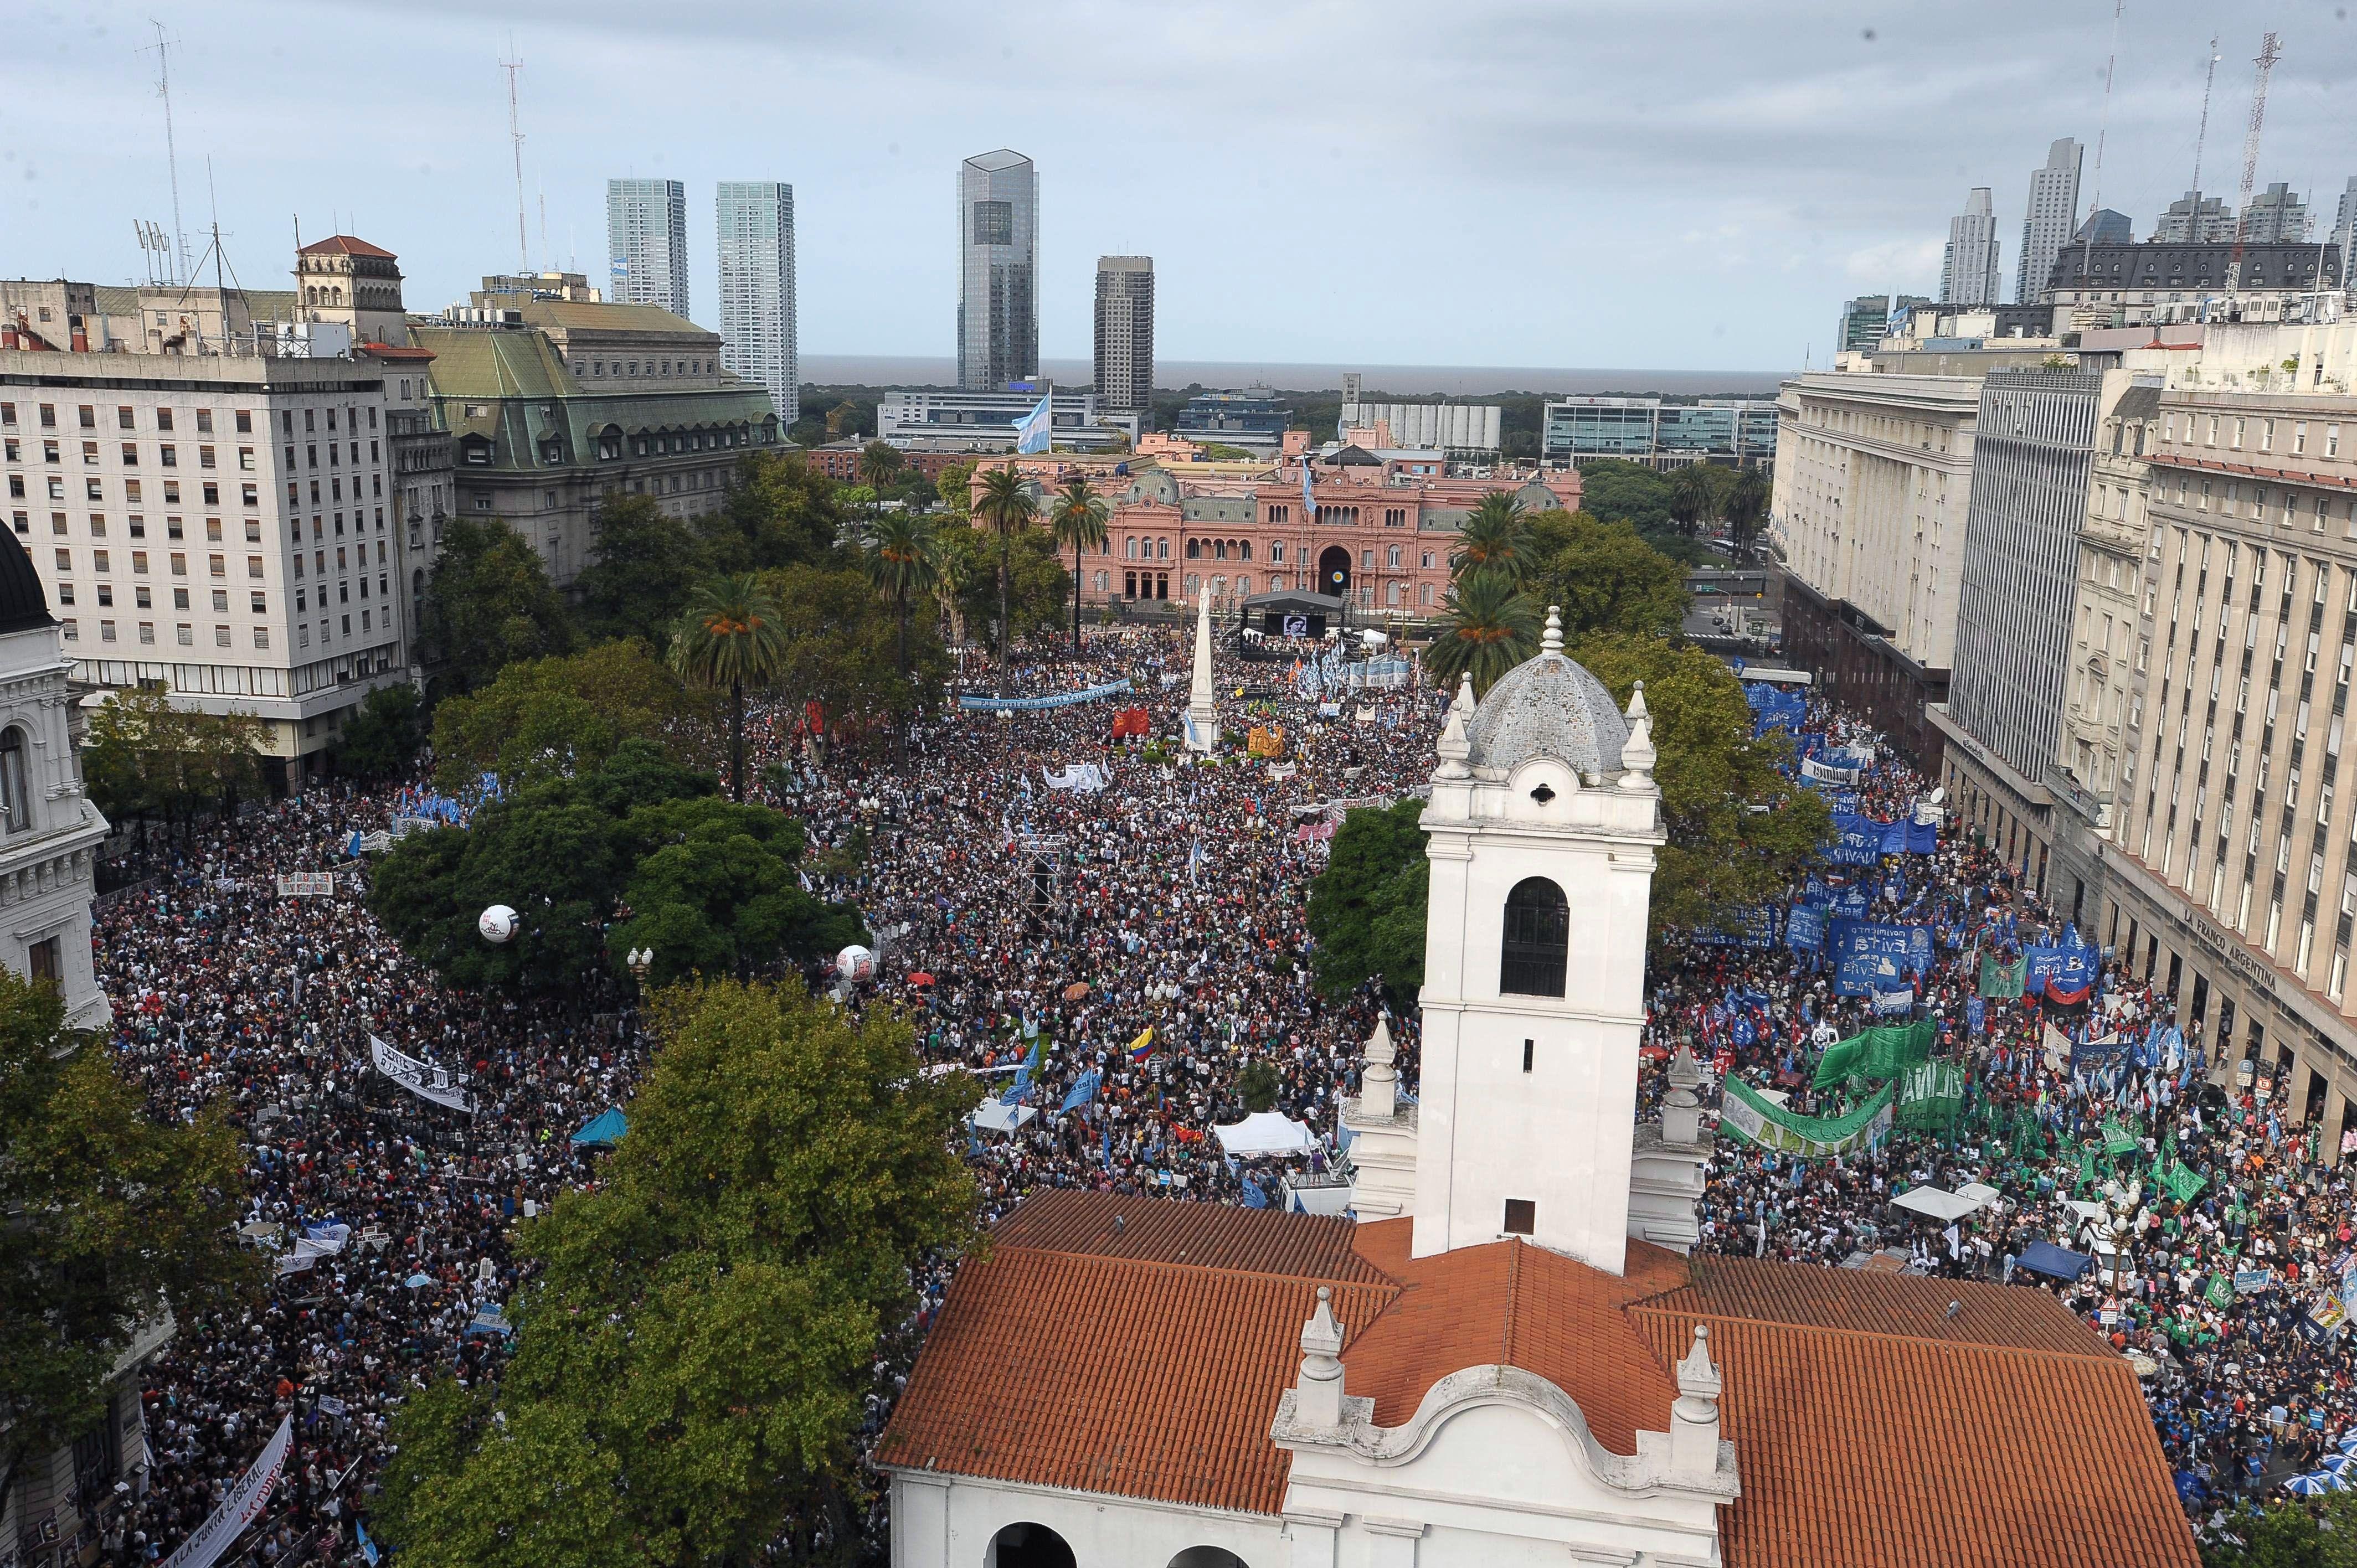 Plaza llena. Organizaciones de derechos humanos y militantes de organizaciones sociales se concentraron frente a la Rosada. (Foto Télam)